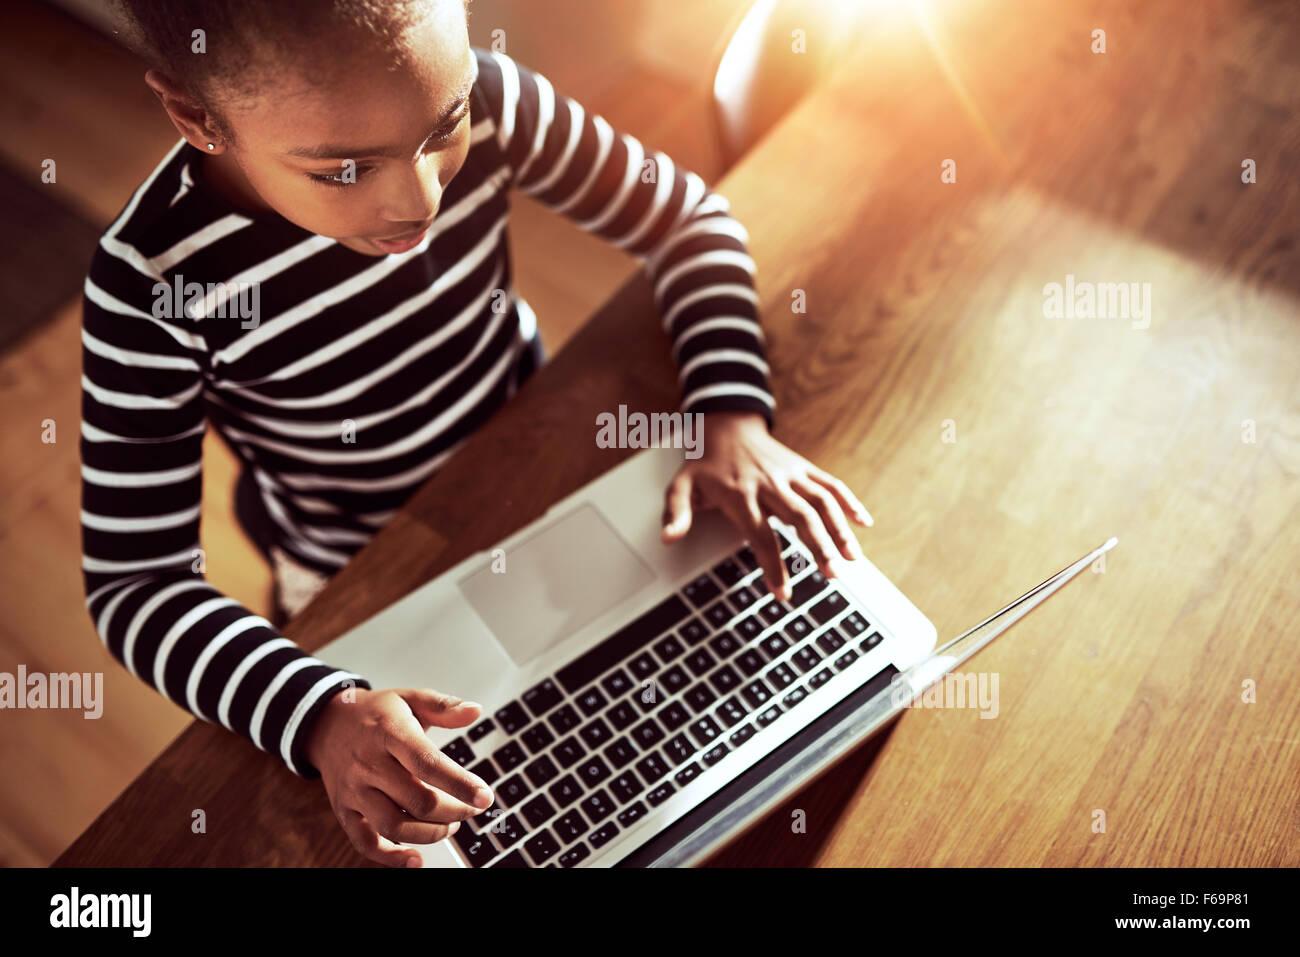 Junge ethnische schwarze Mädchen sitzen am Esstisch zu Hause Texteingabe auf einem Laptop, hohe Betrachtungswinkel Stockbild